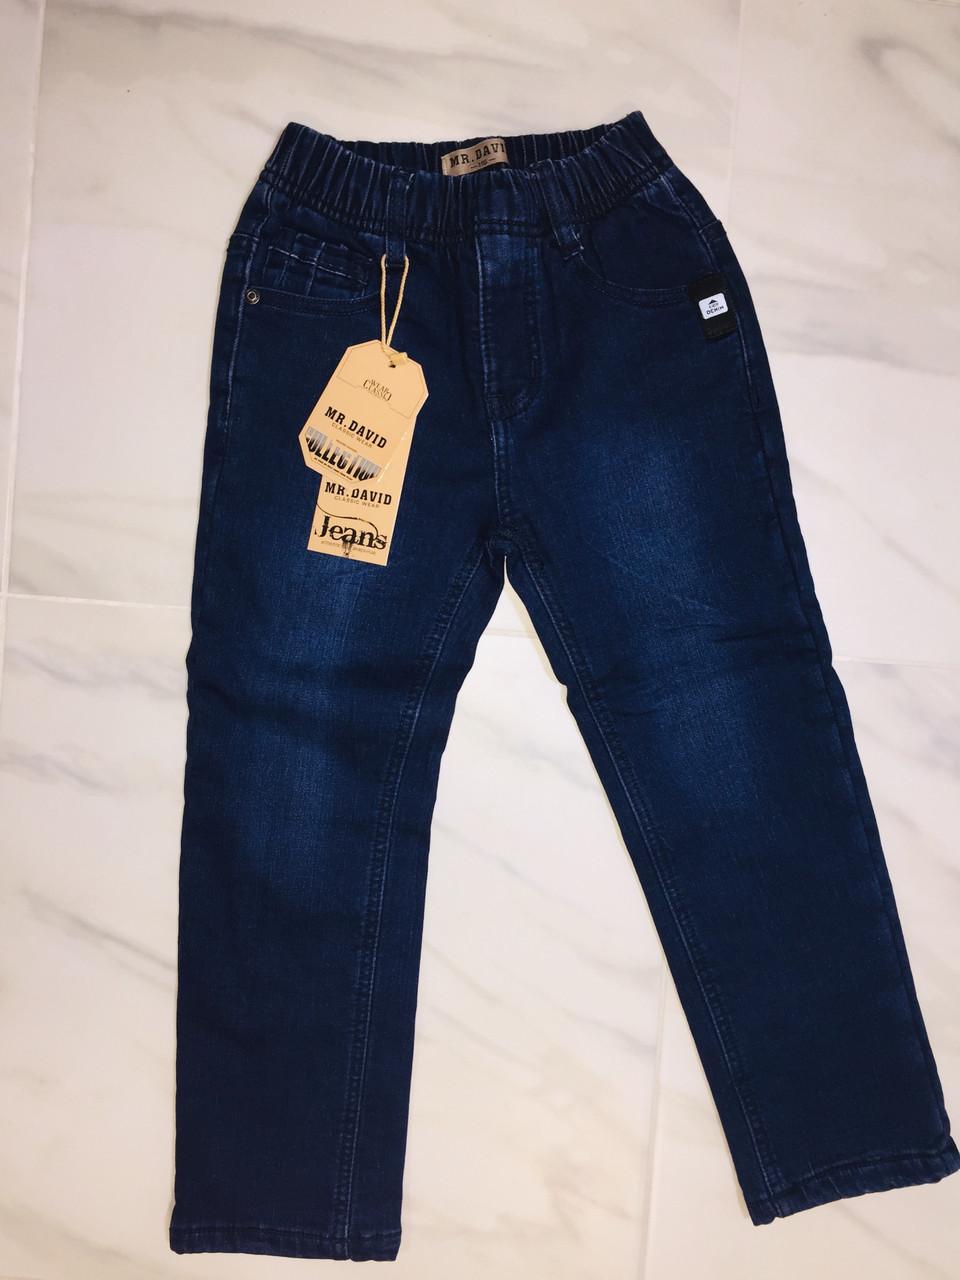 Утепленные джинсы на мальчика MR.DAVID, Венгрия